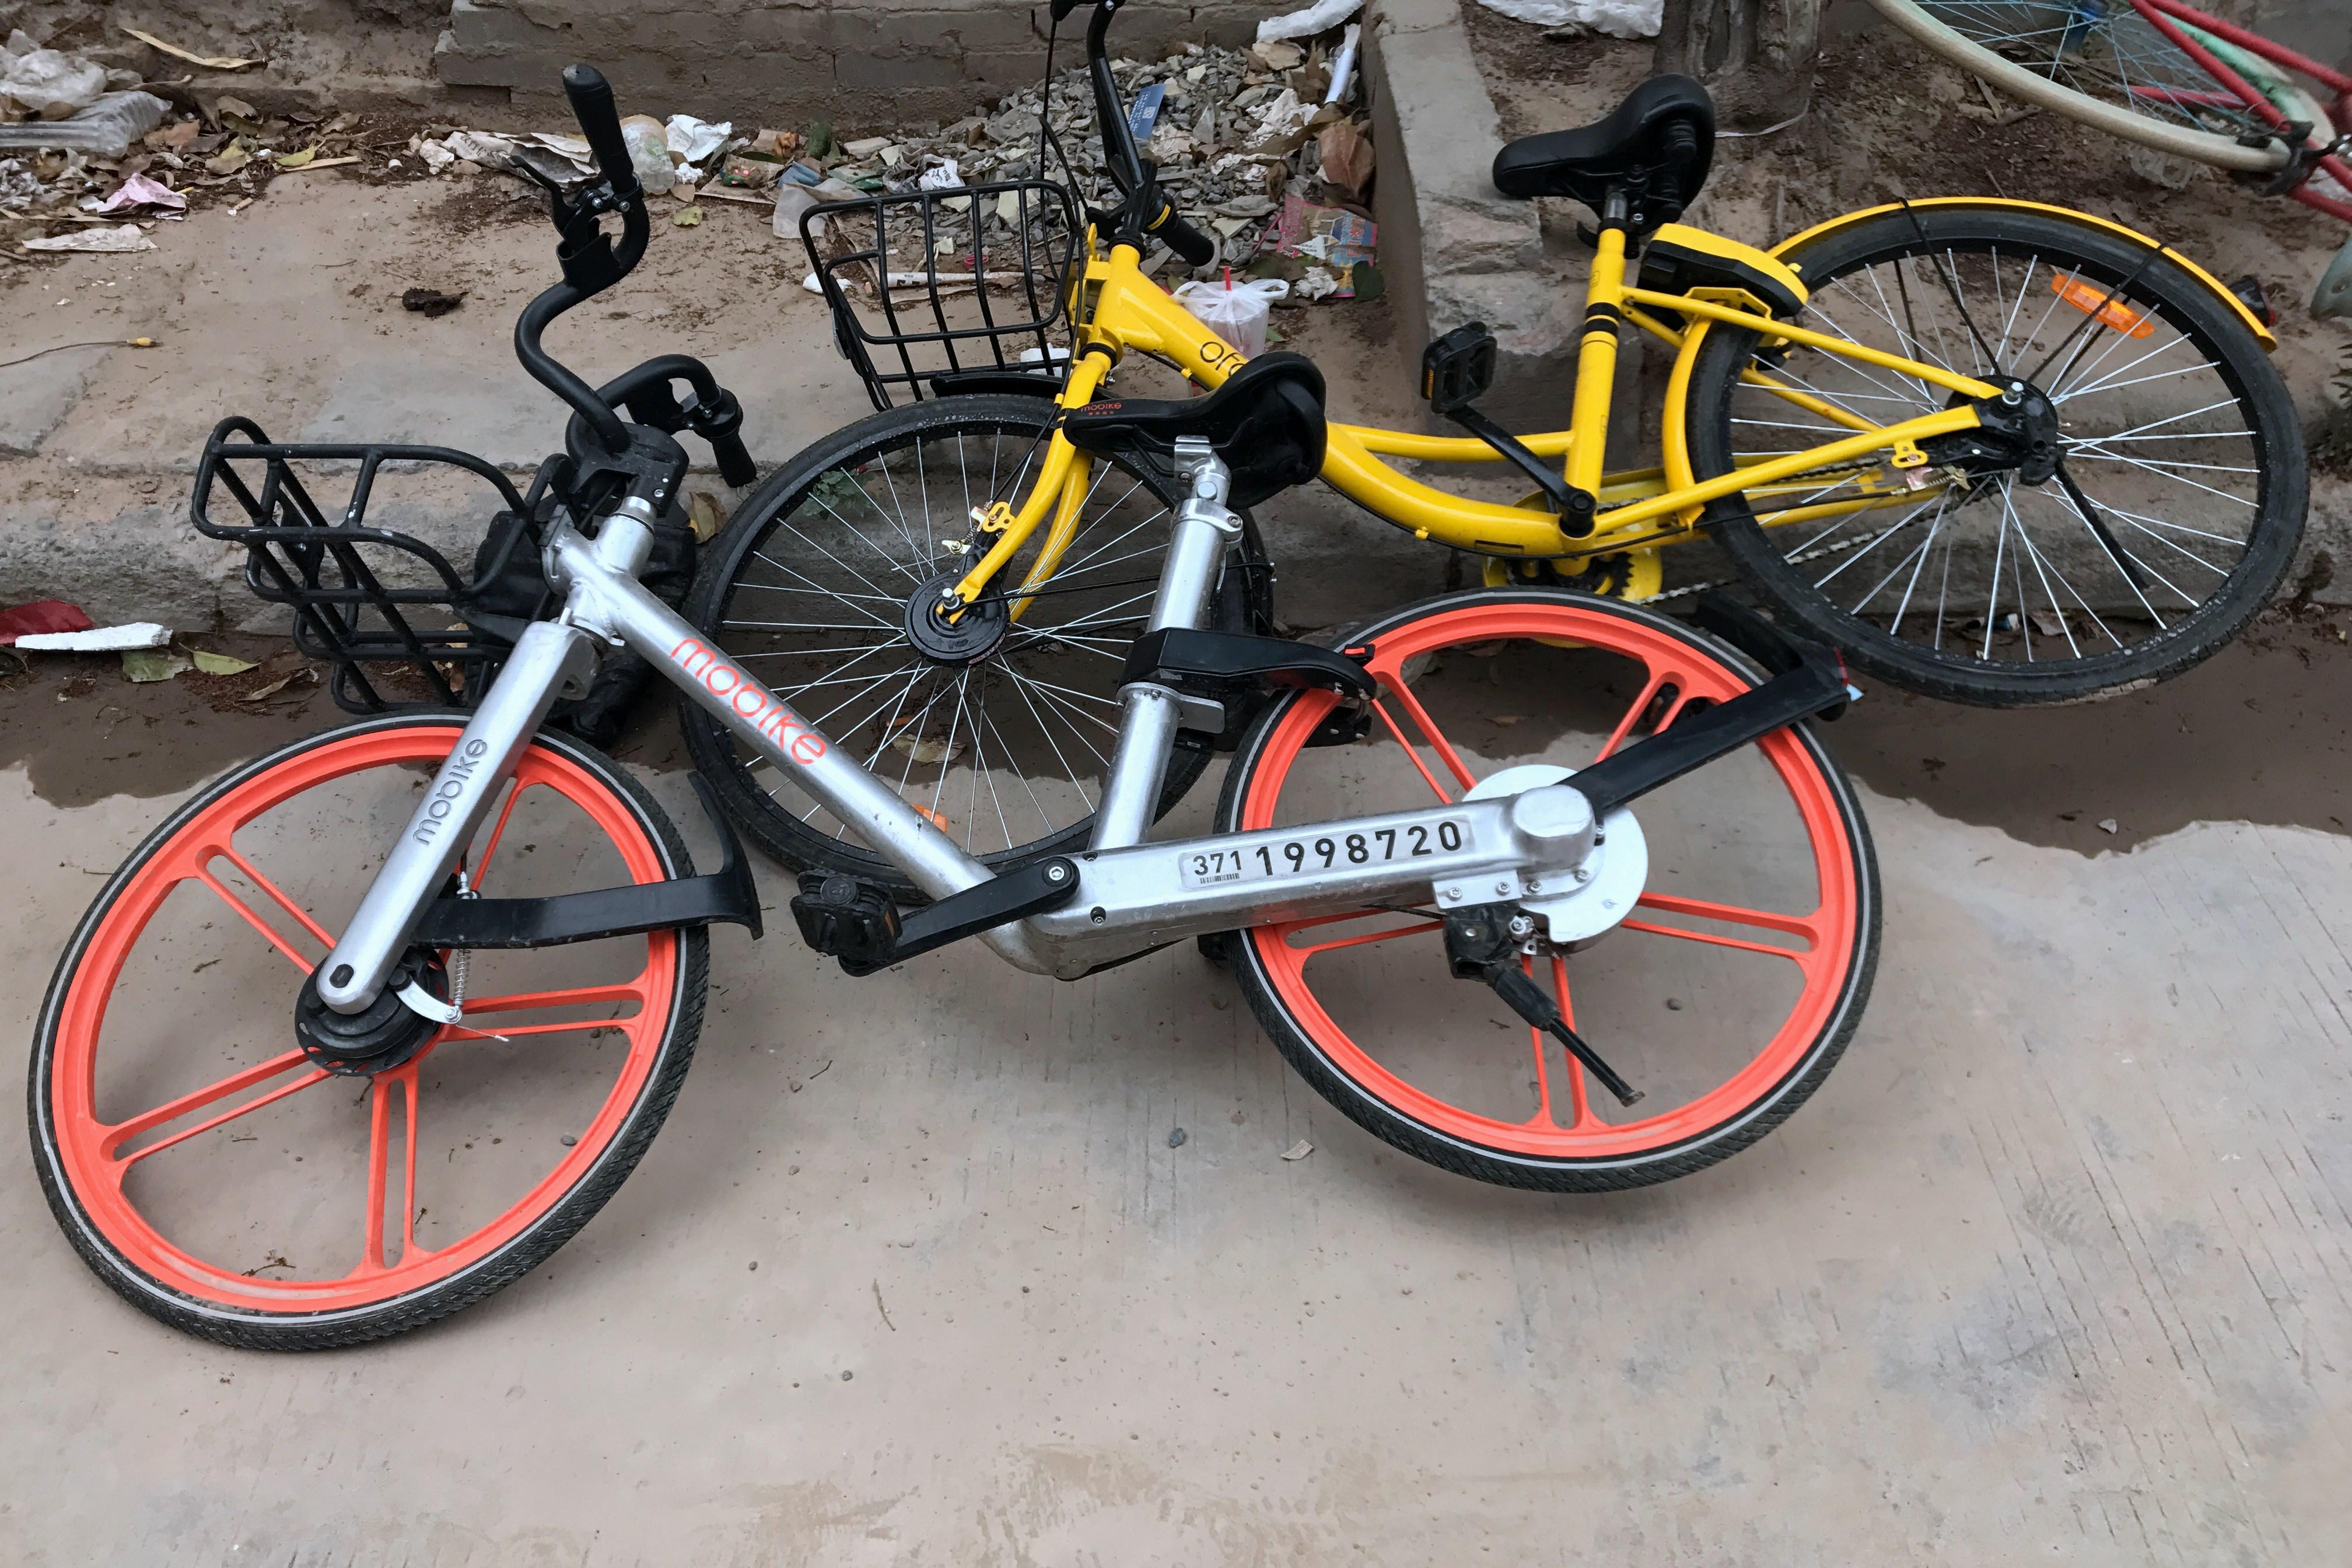 郑州共享单车划专用停放位 乱停乱放能否得到